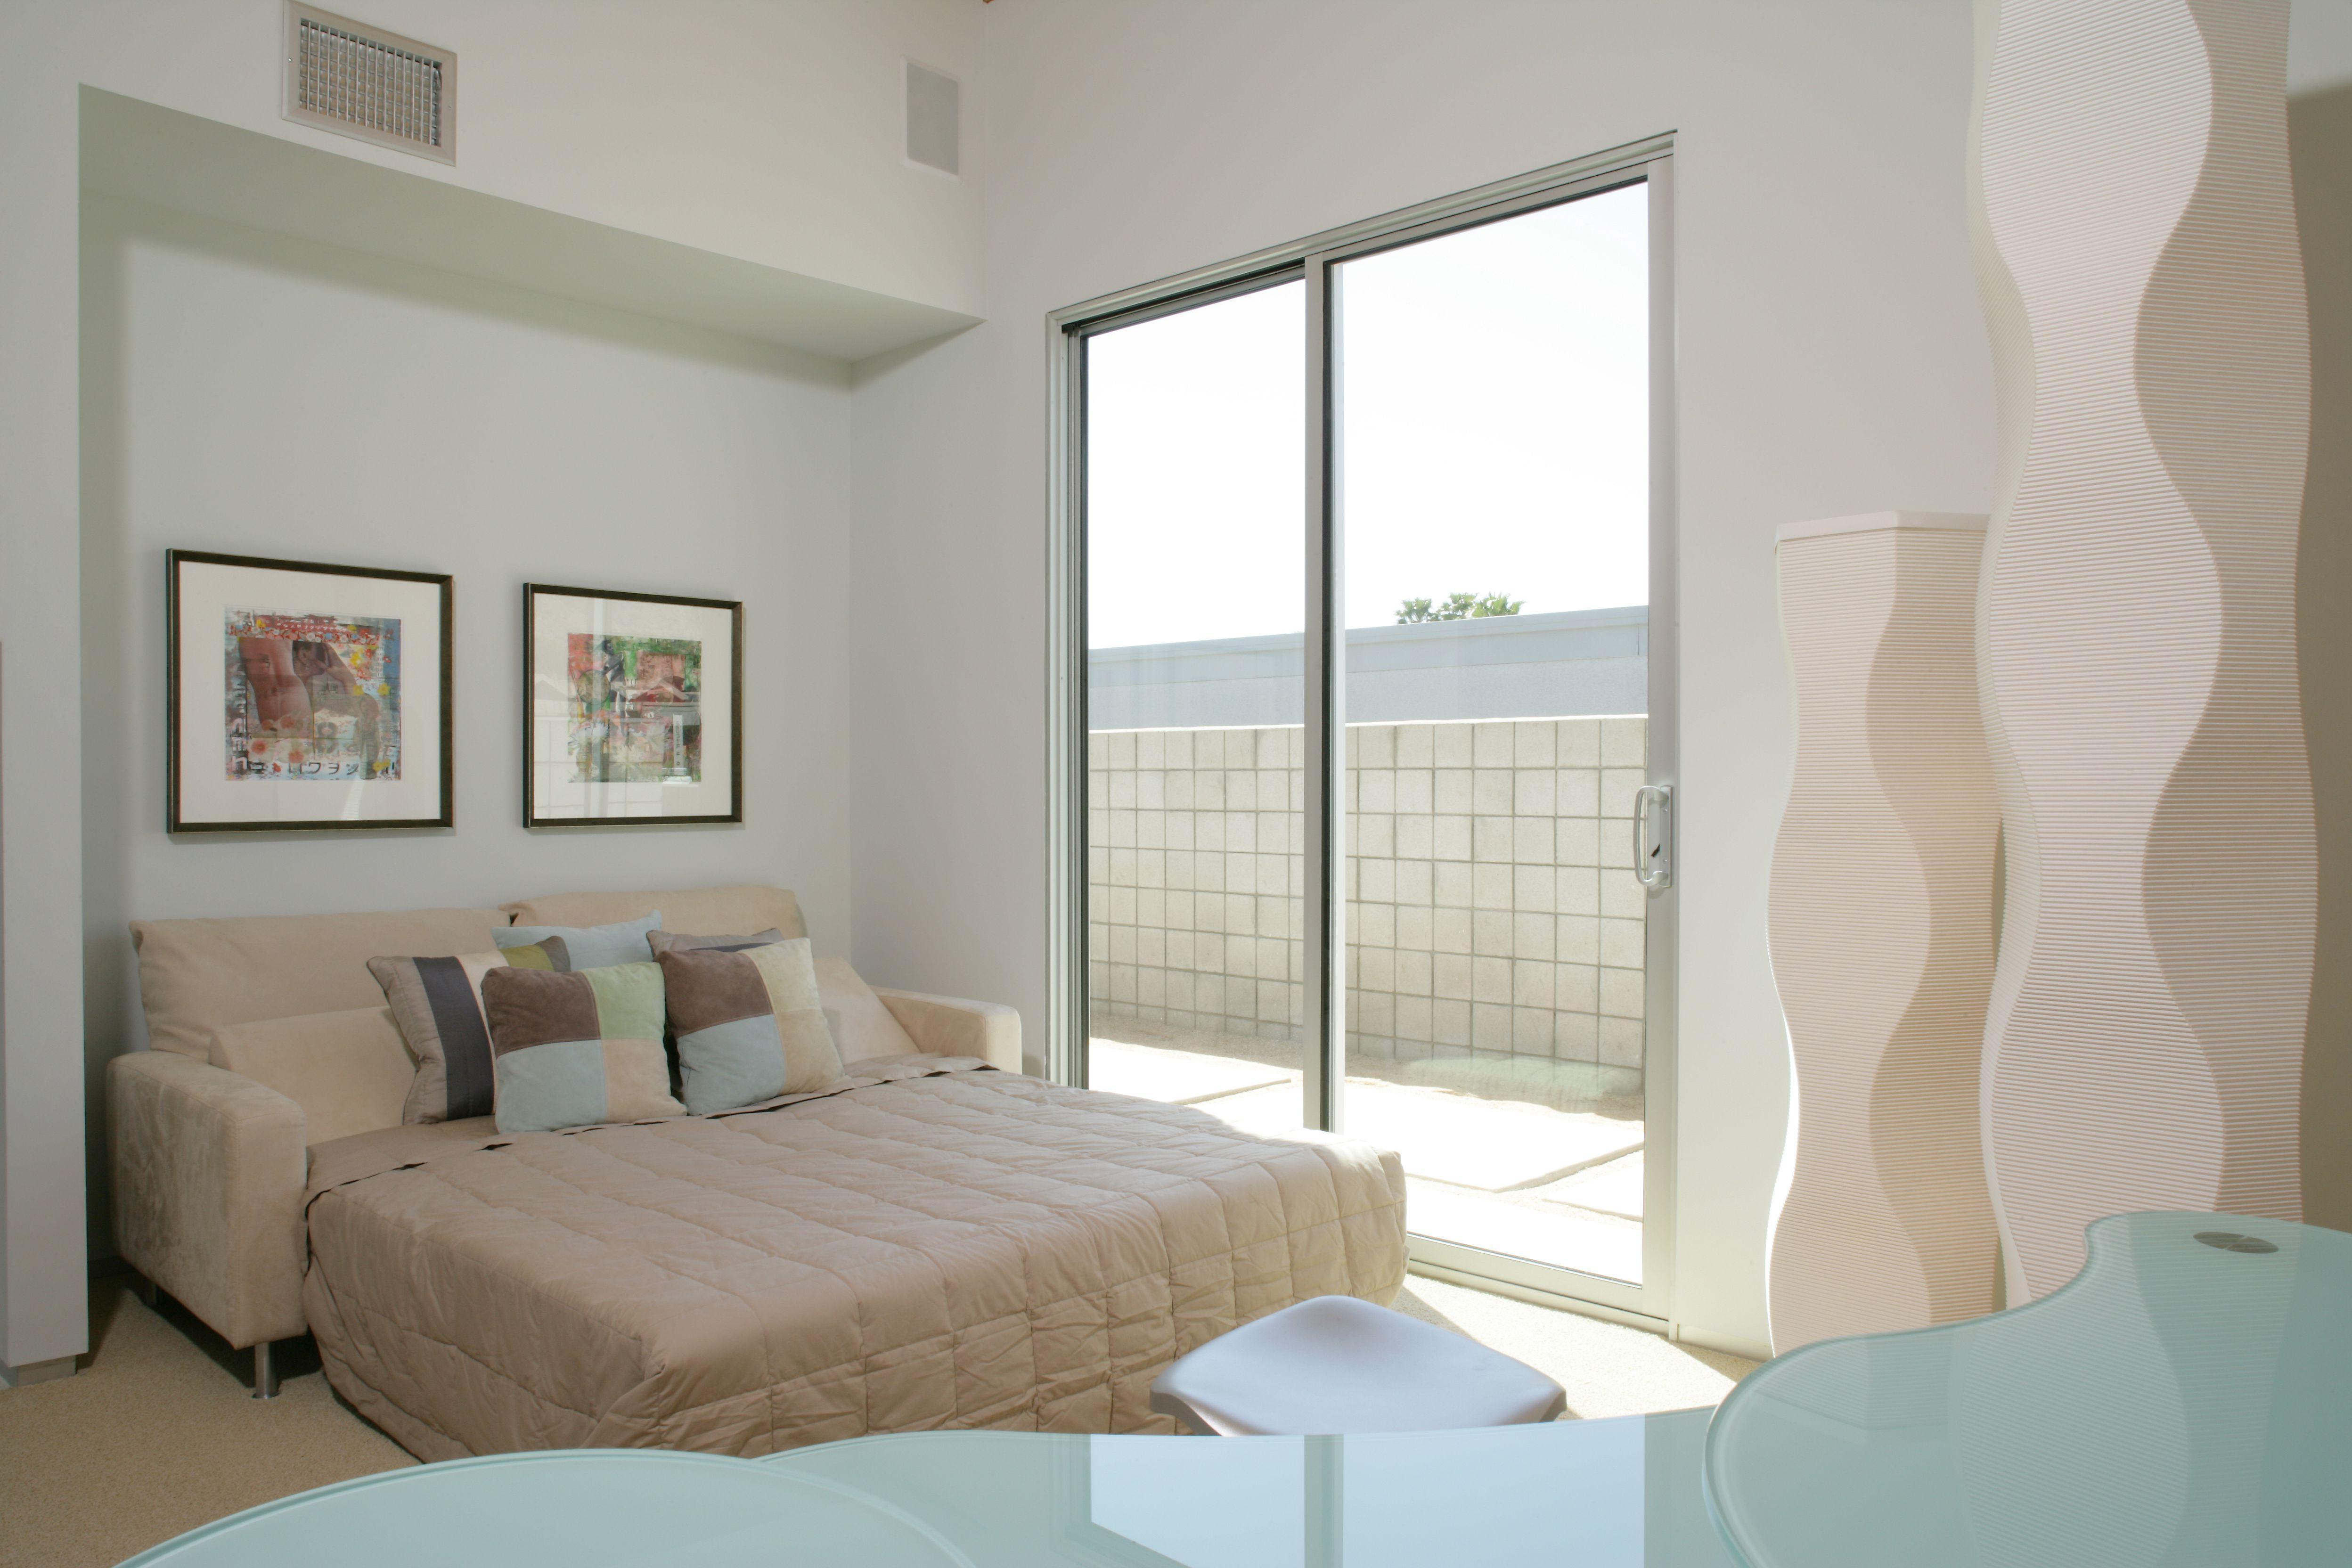 Sofa Bed by Patio Door in Contemporary Bedroom